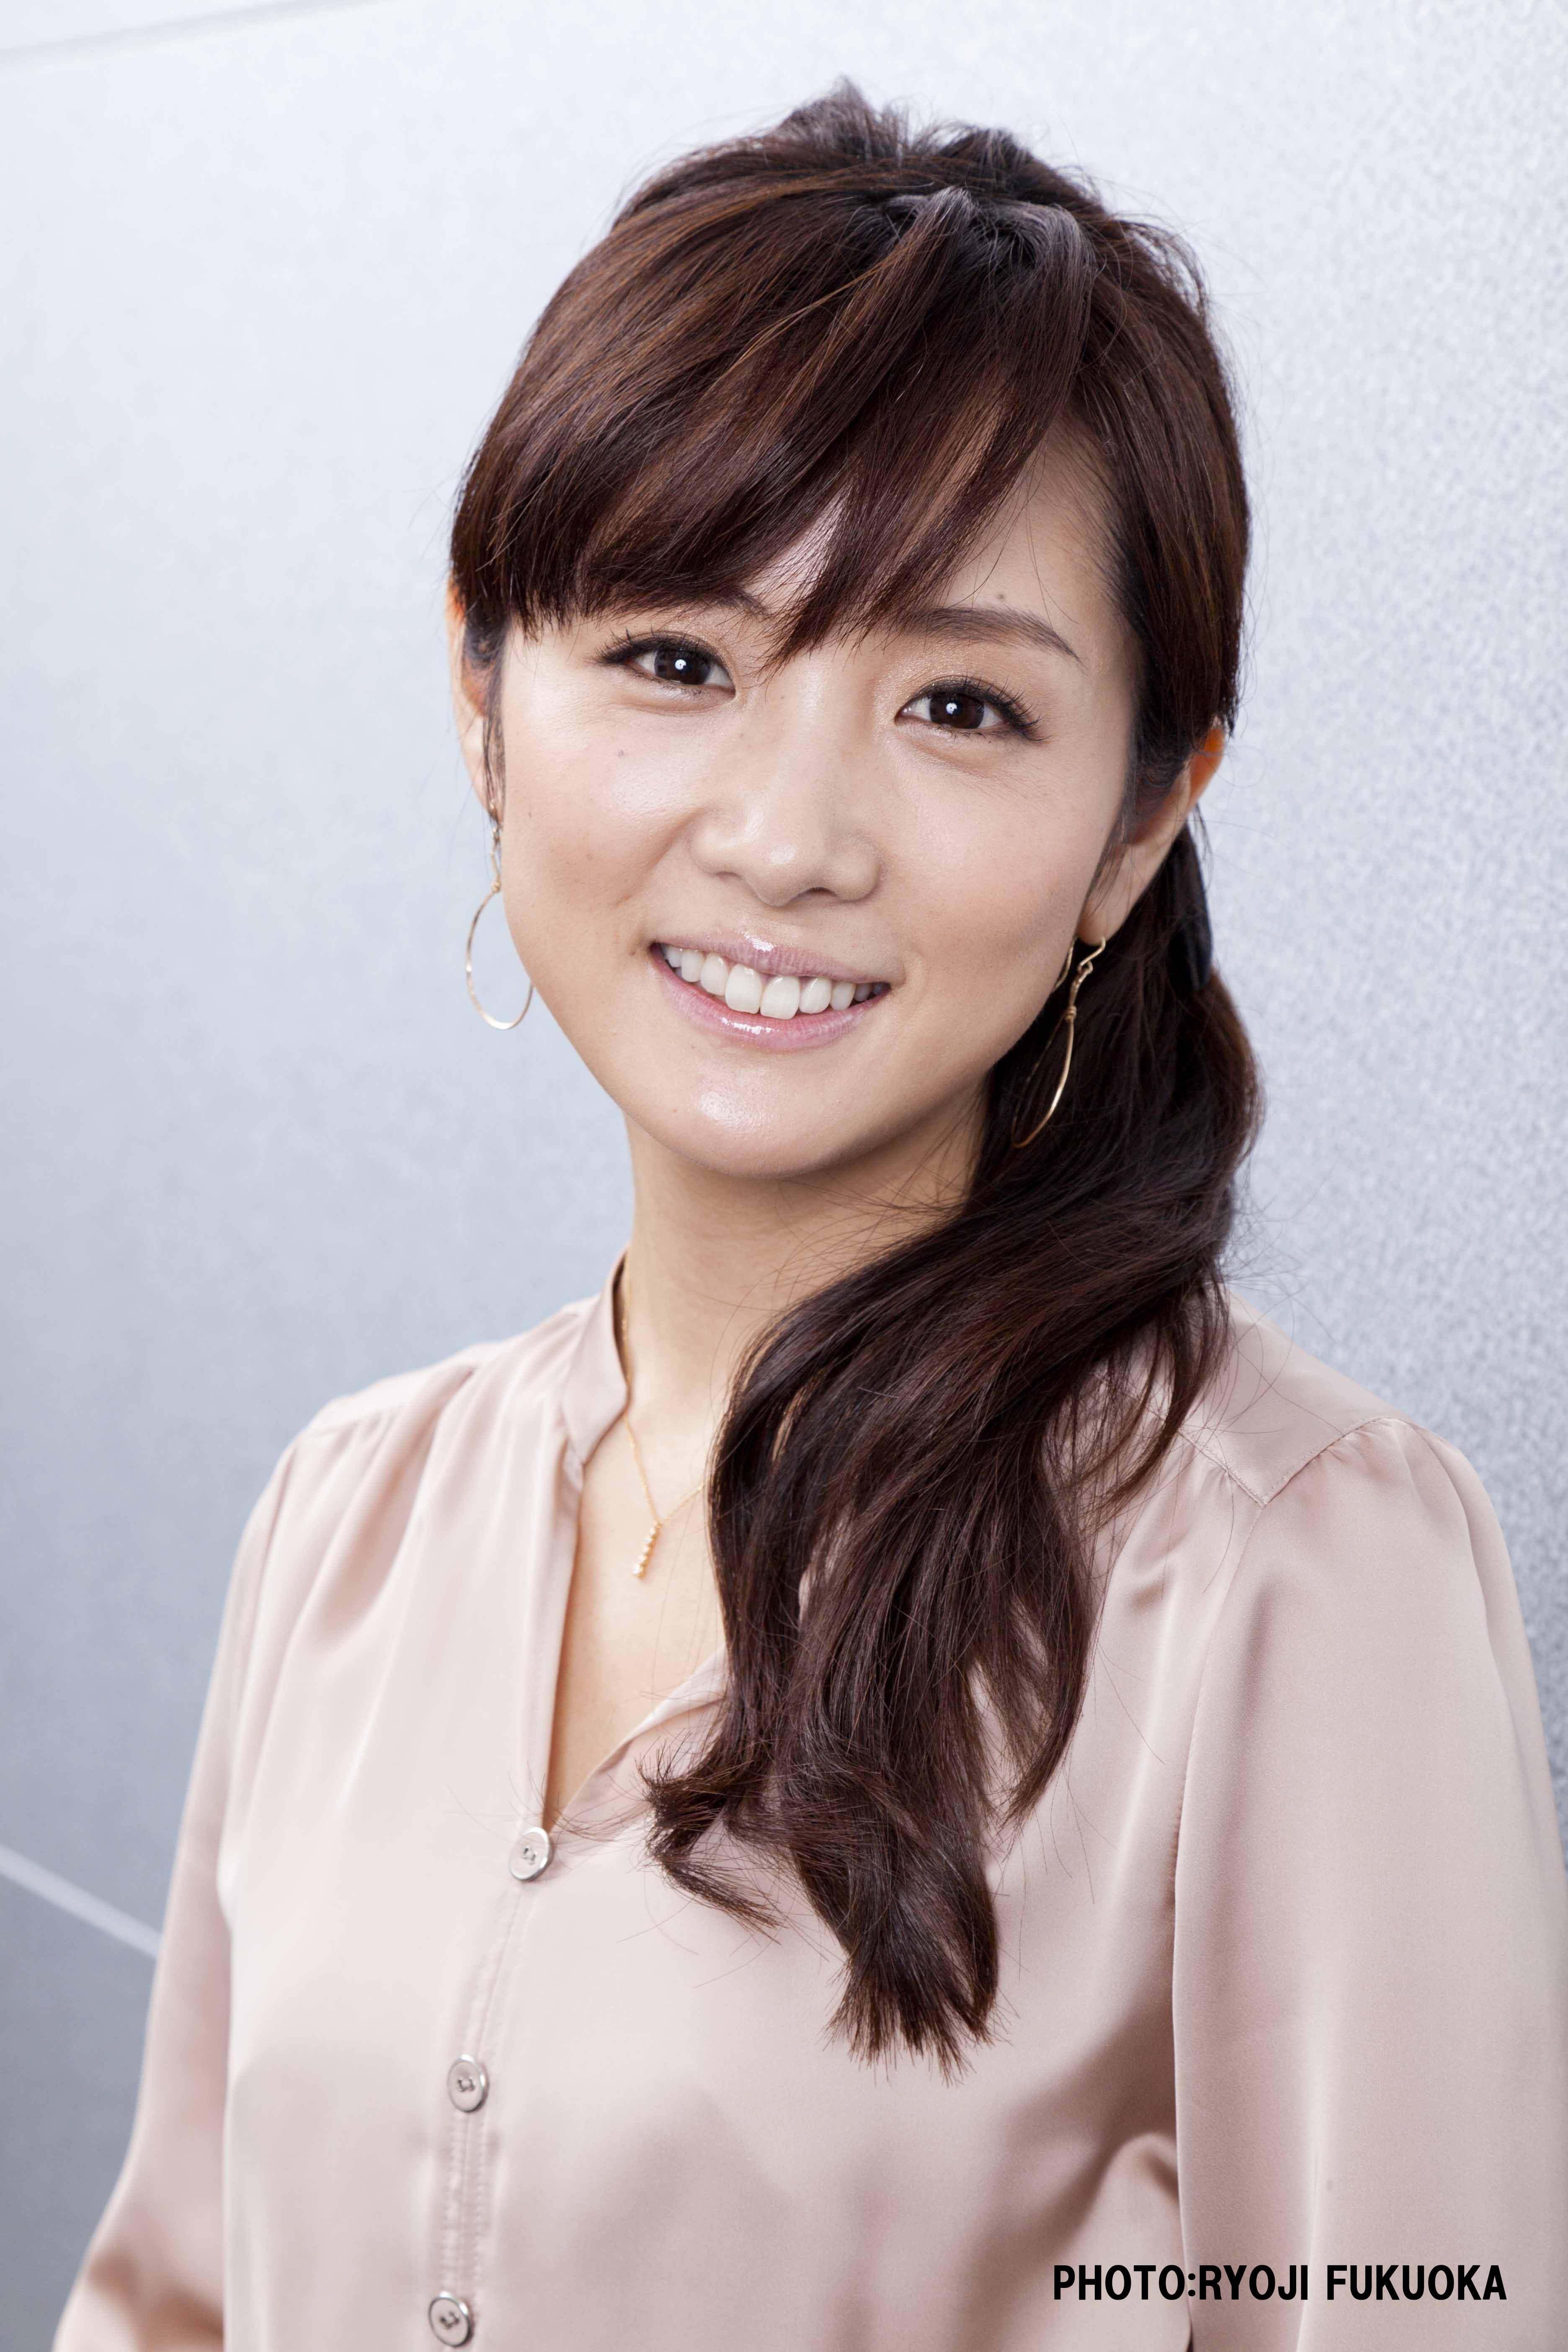 【高島彩】2015年度ベストマザー賞を獲得!夫・北川はイクメン?!のサムネイル画像